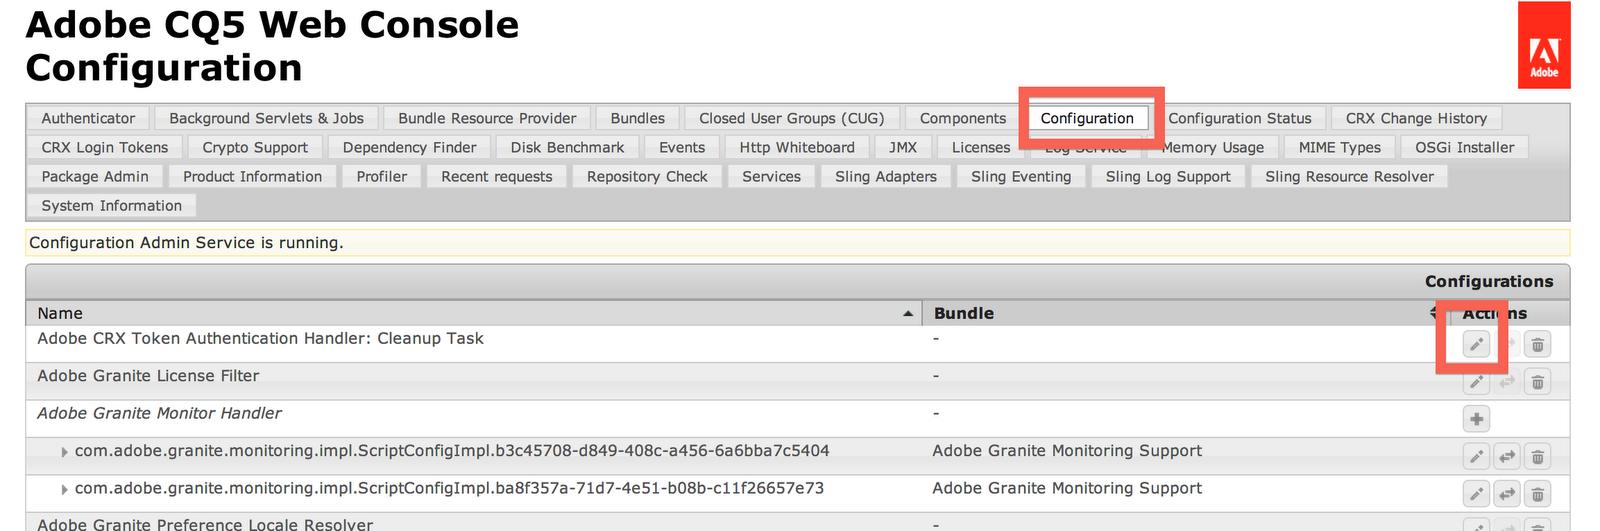 Adobe CQ/Adobe AEM: October 2012